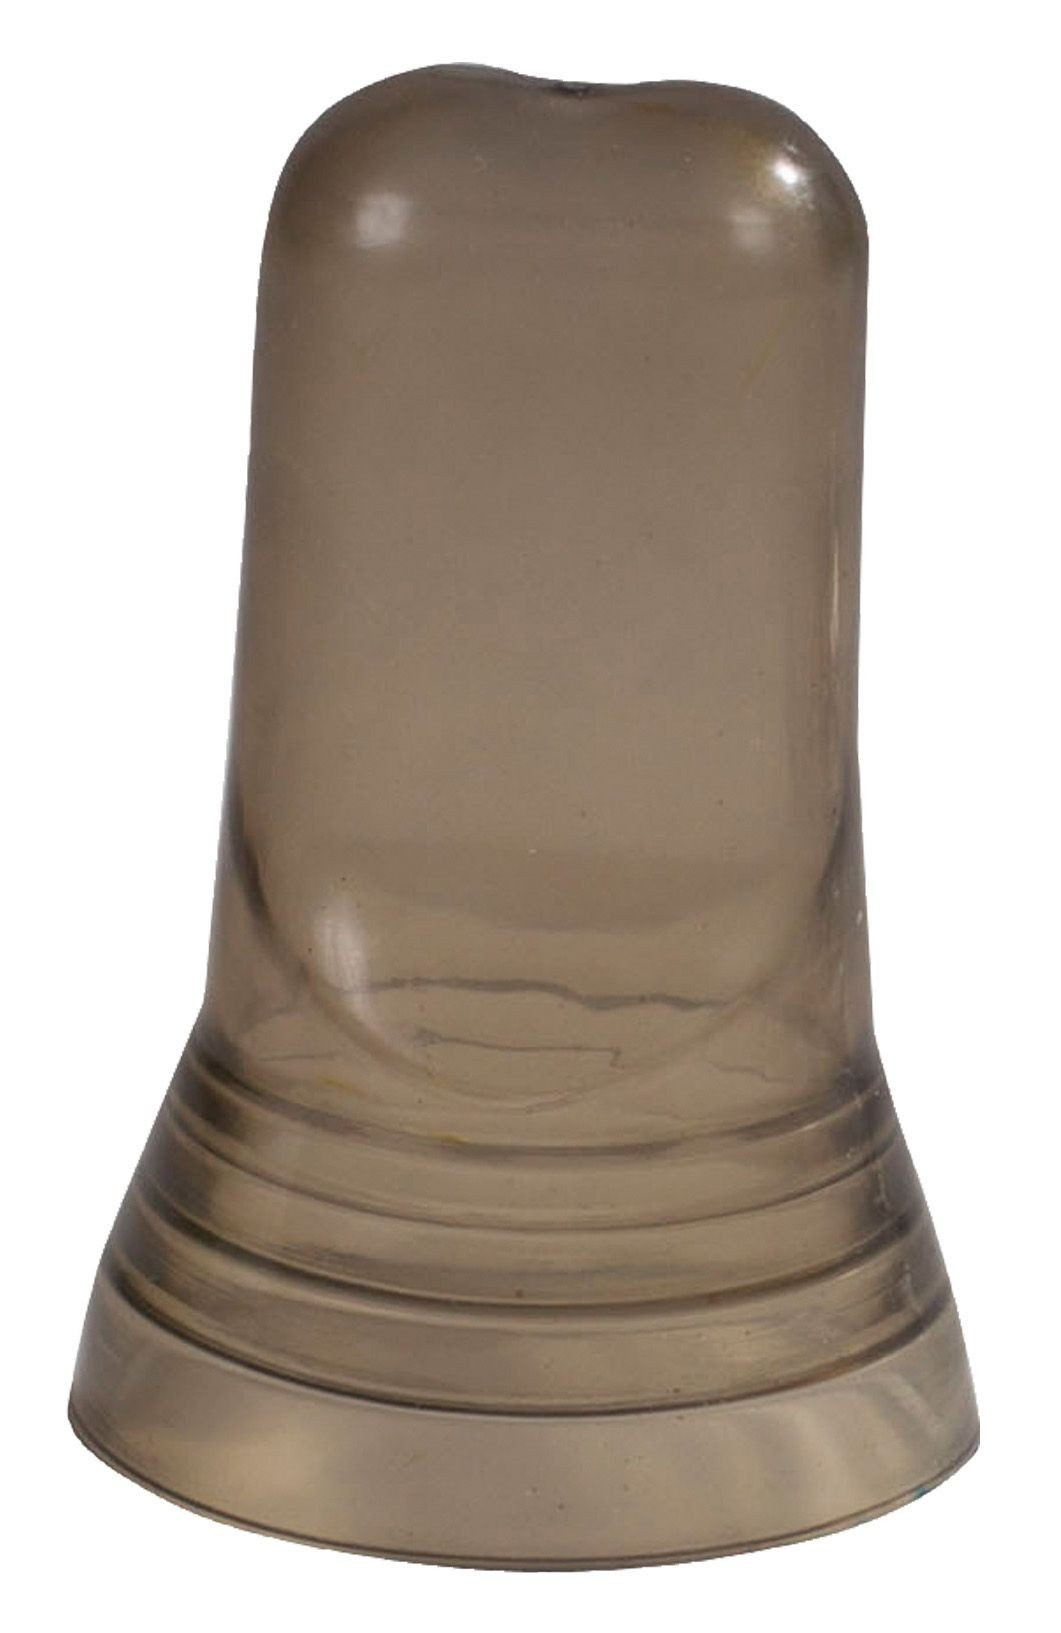 Winco PC-1 Universal Liquor Pourer Cover